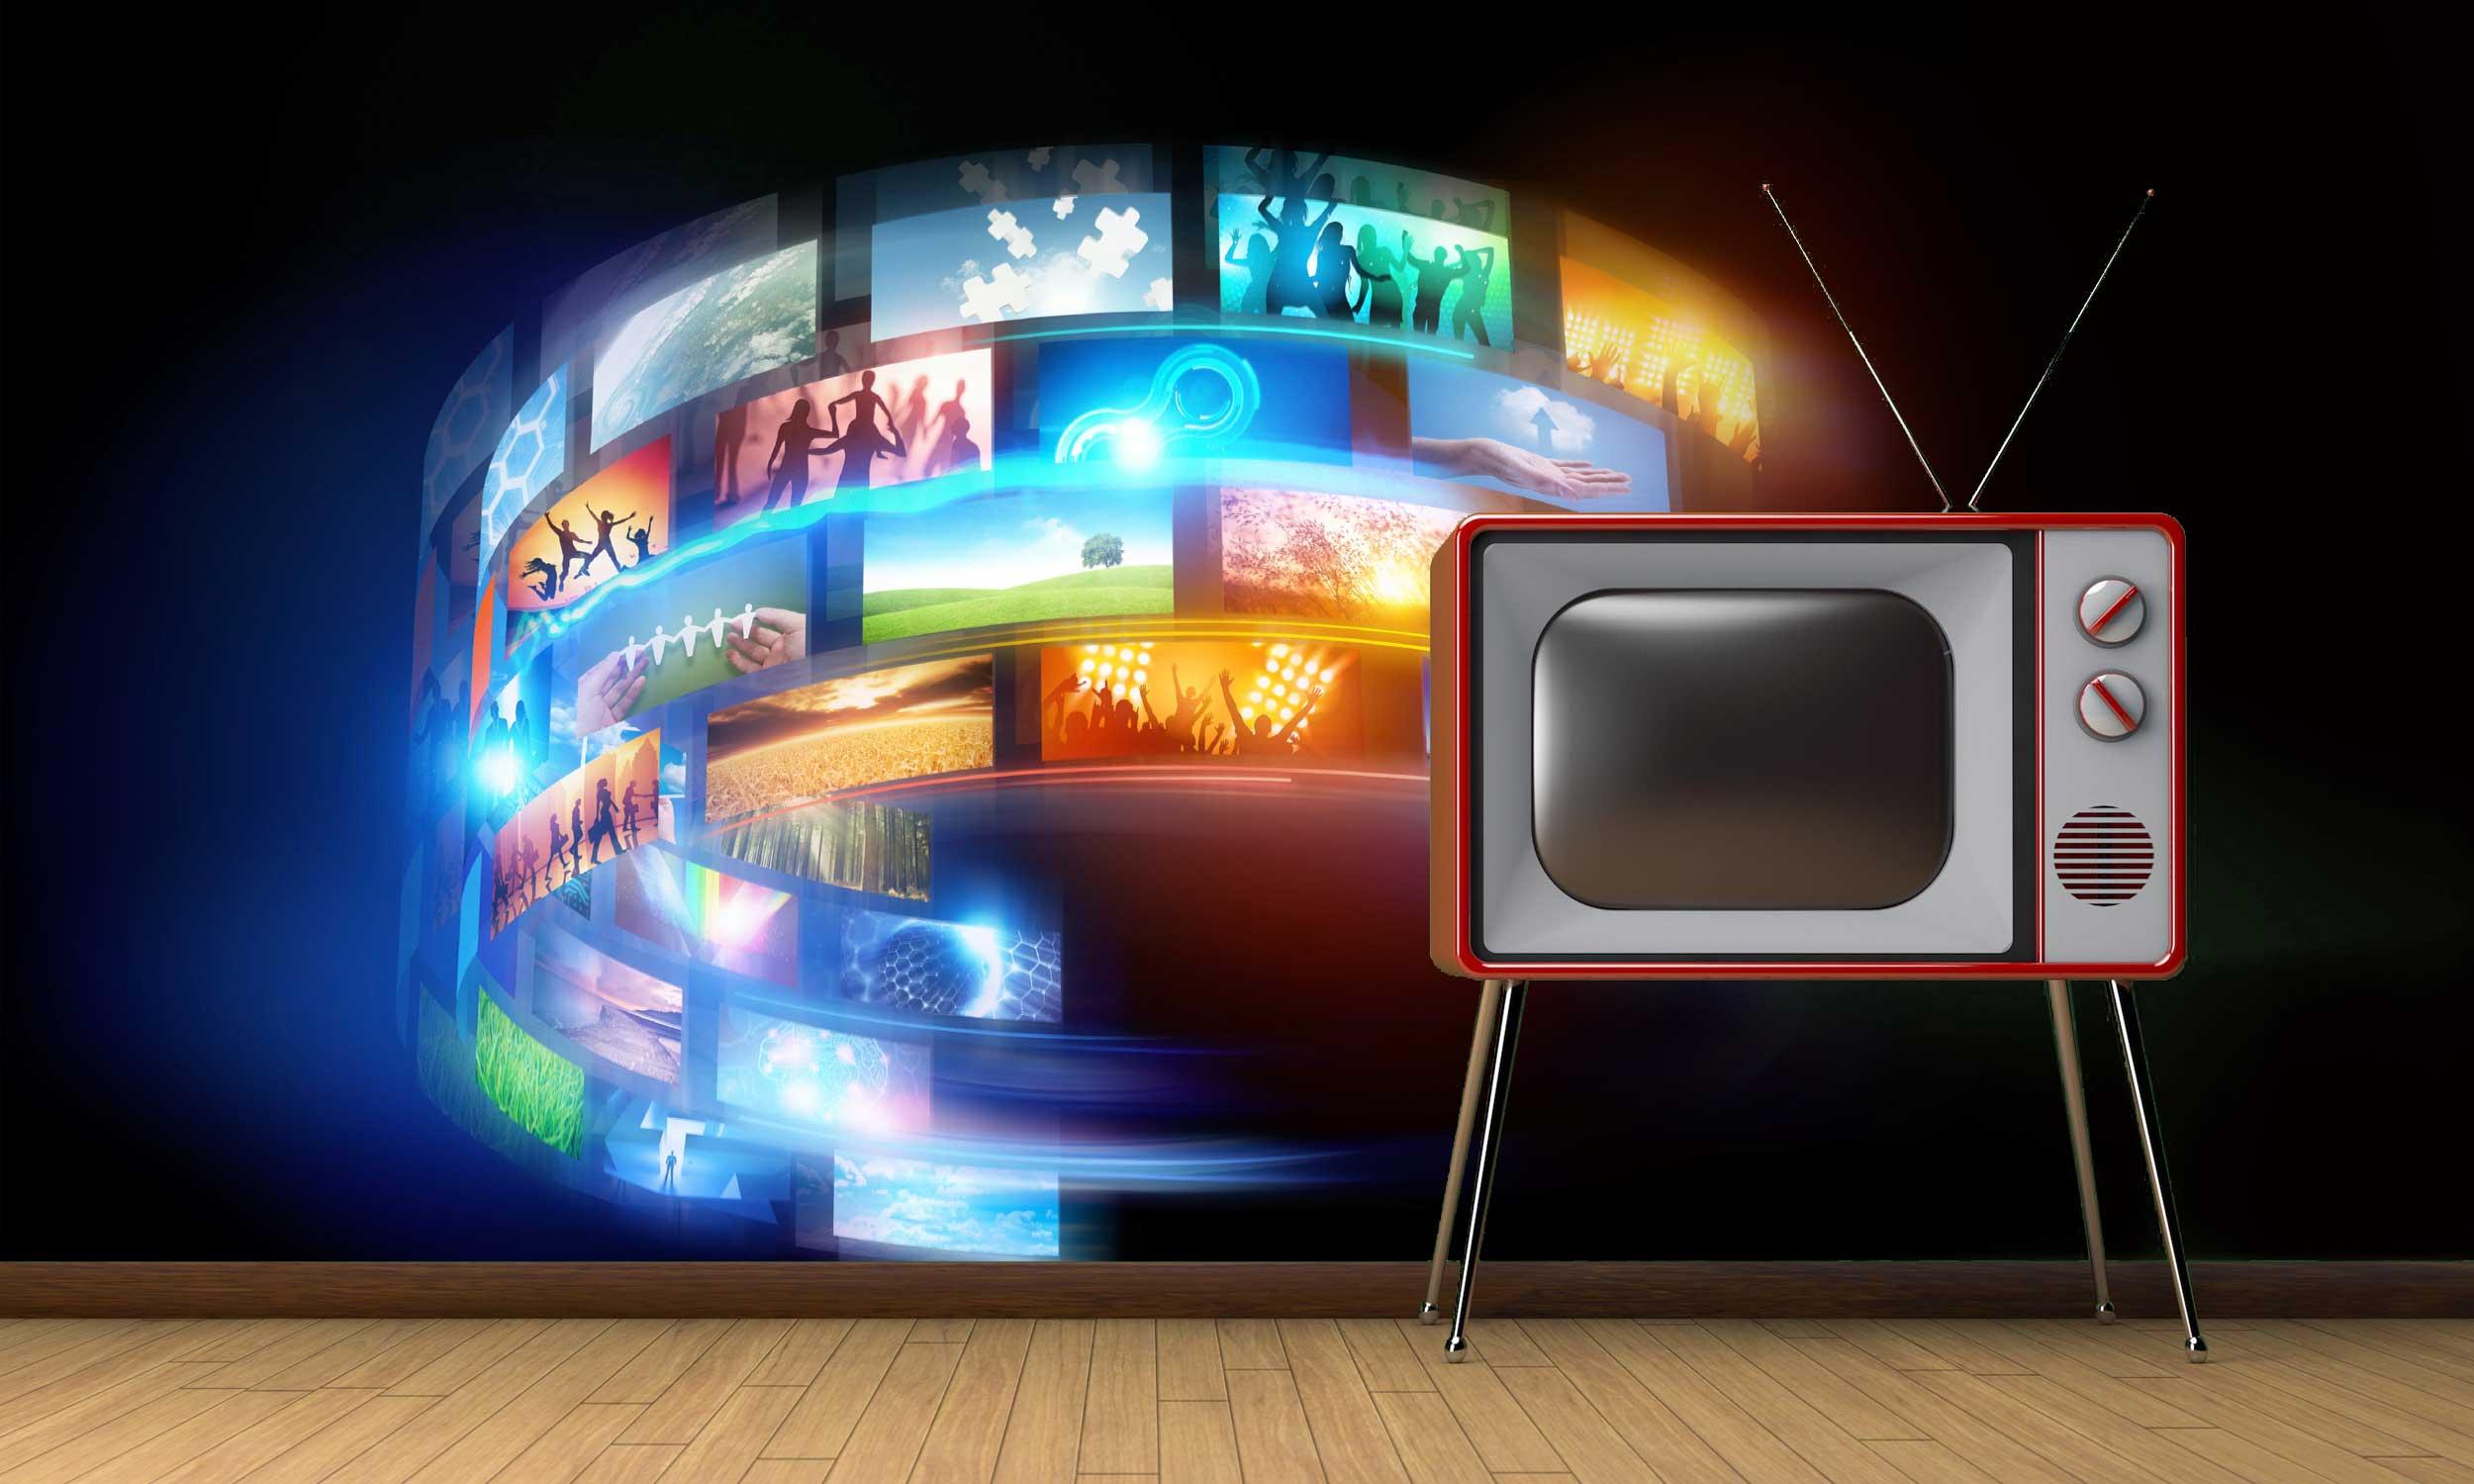 Выручка российского рынка платного телевидения в 2018 г. выросла на 14,2%